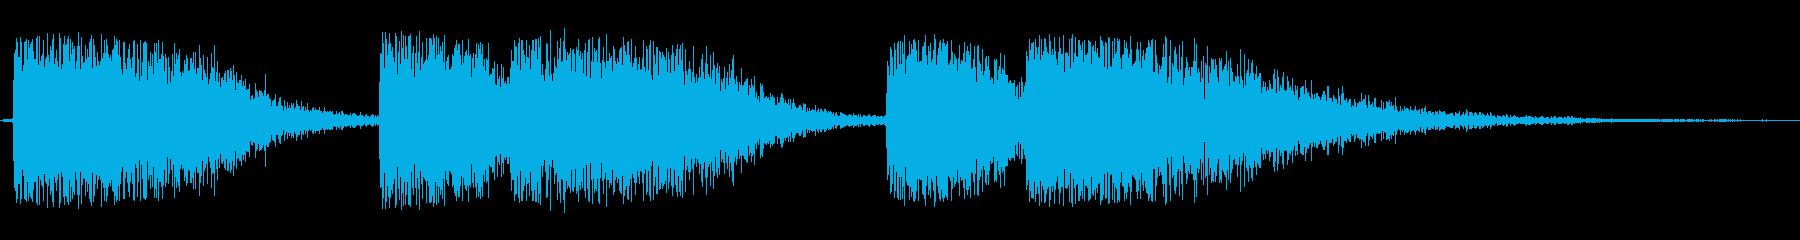 シンセサイザー長めのオープニングテーマ曲の再生済みの波形